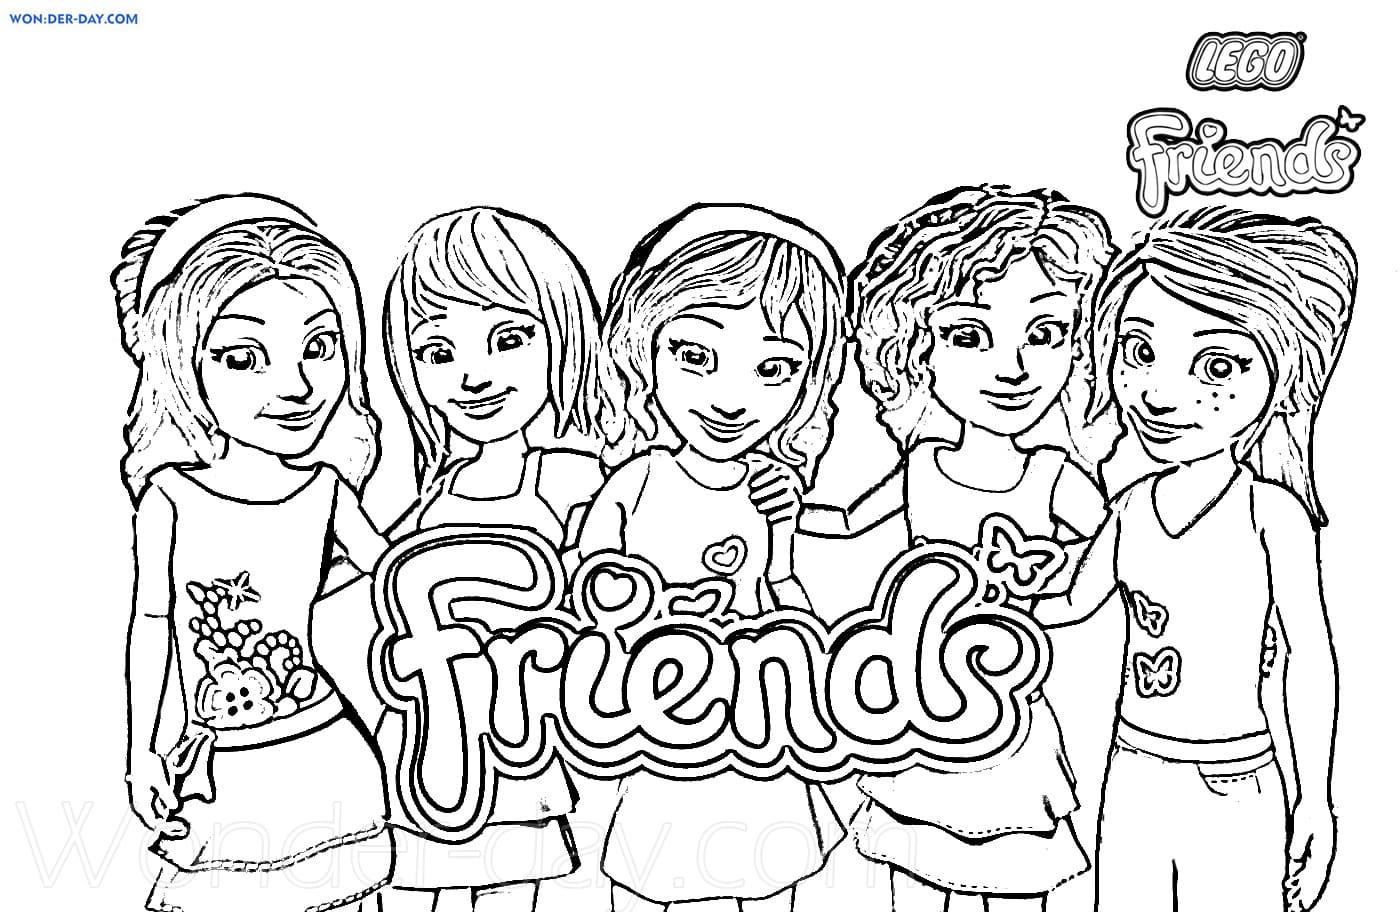 Ausmalbilder Lego Friends. Drucken für Mädchen  WONDER DAY